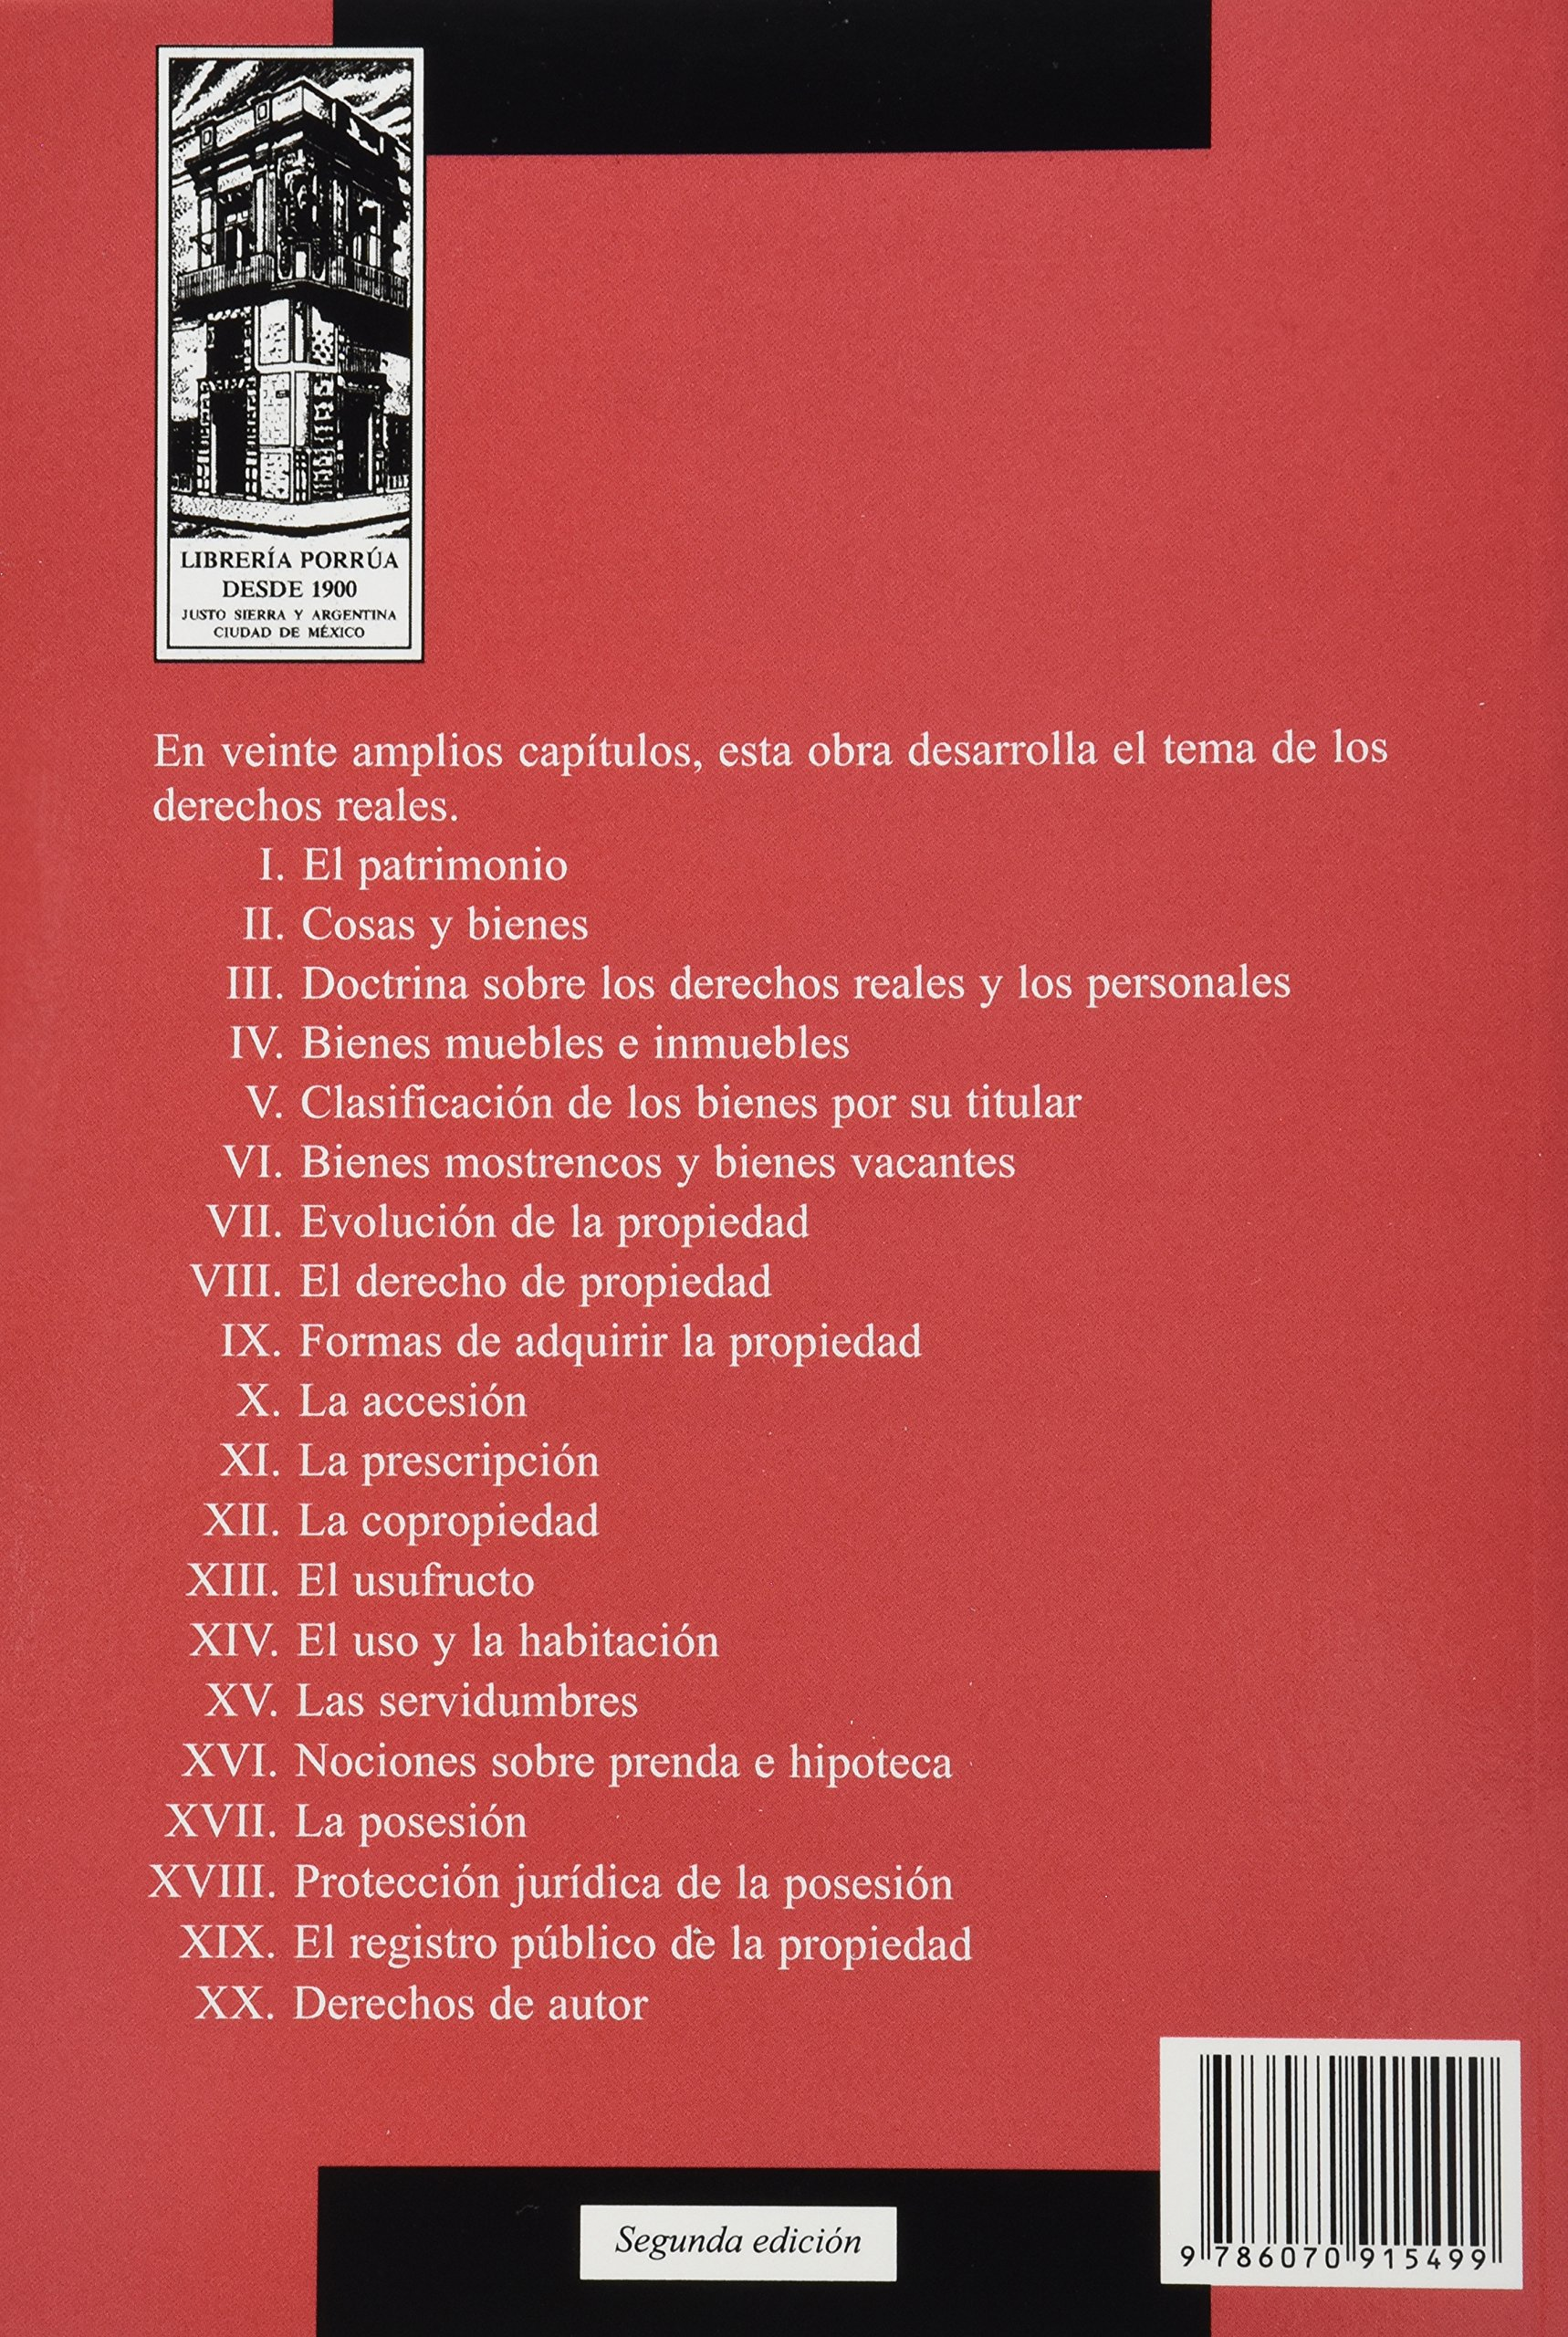 Los Derechos Reales Portada Puede Variar Sergio T Azua Reyes  # Muebles Mostrencos